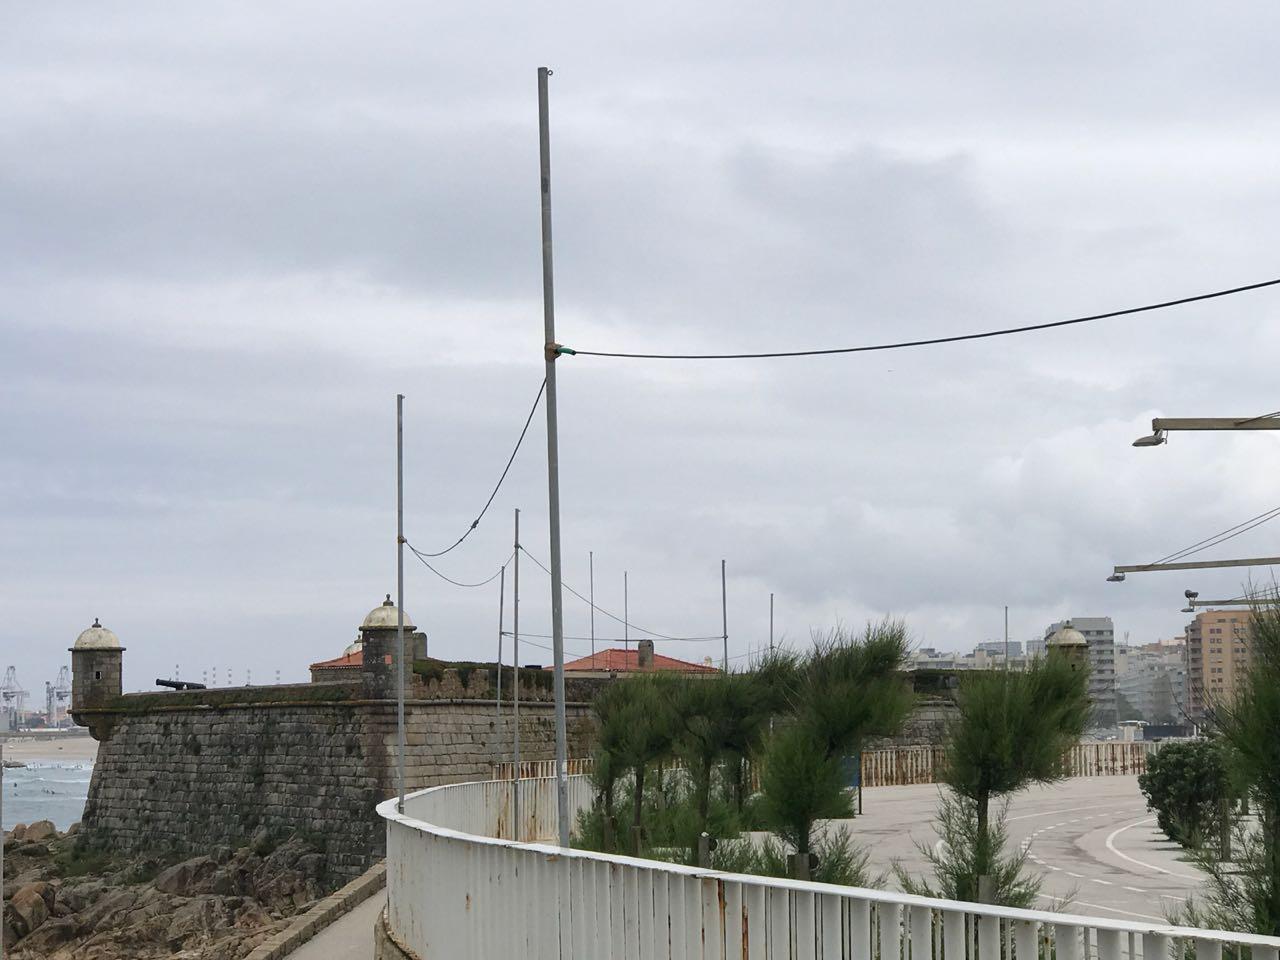 Porto route